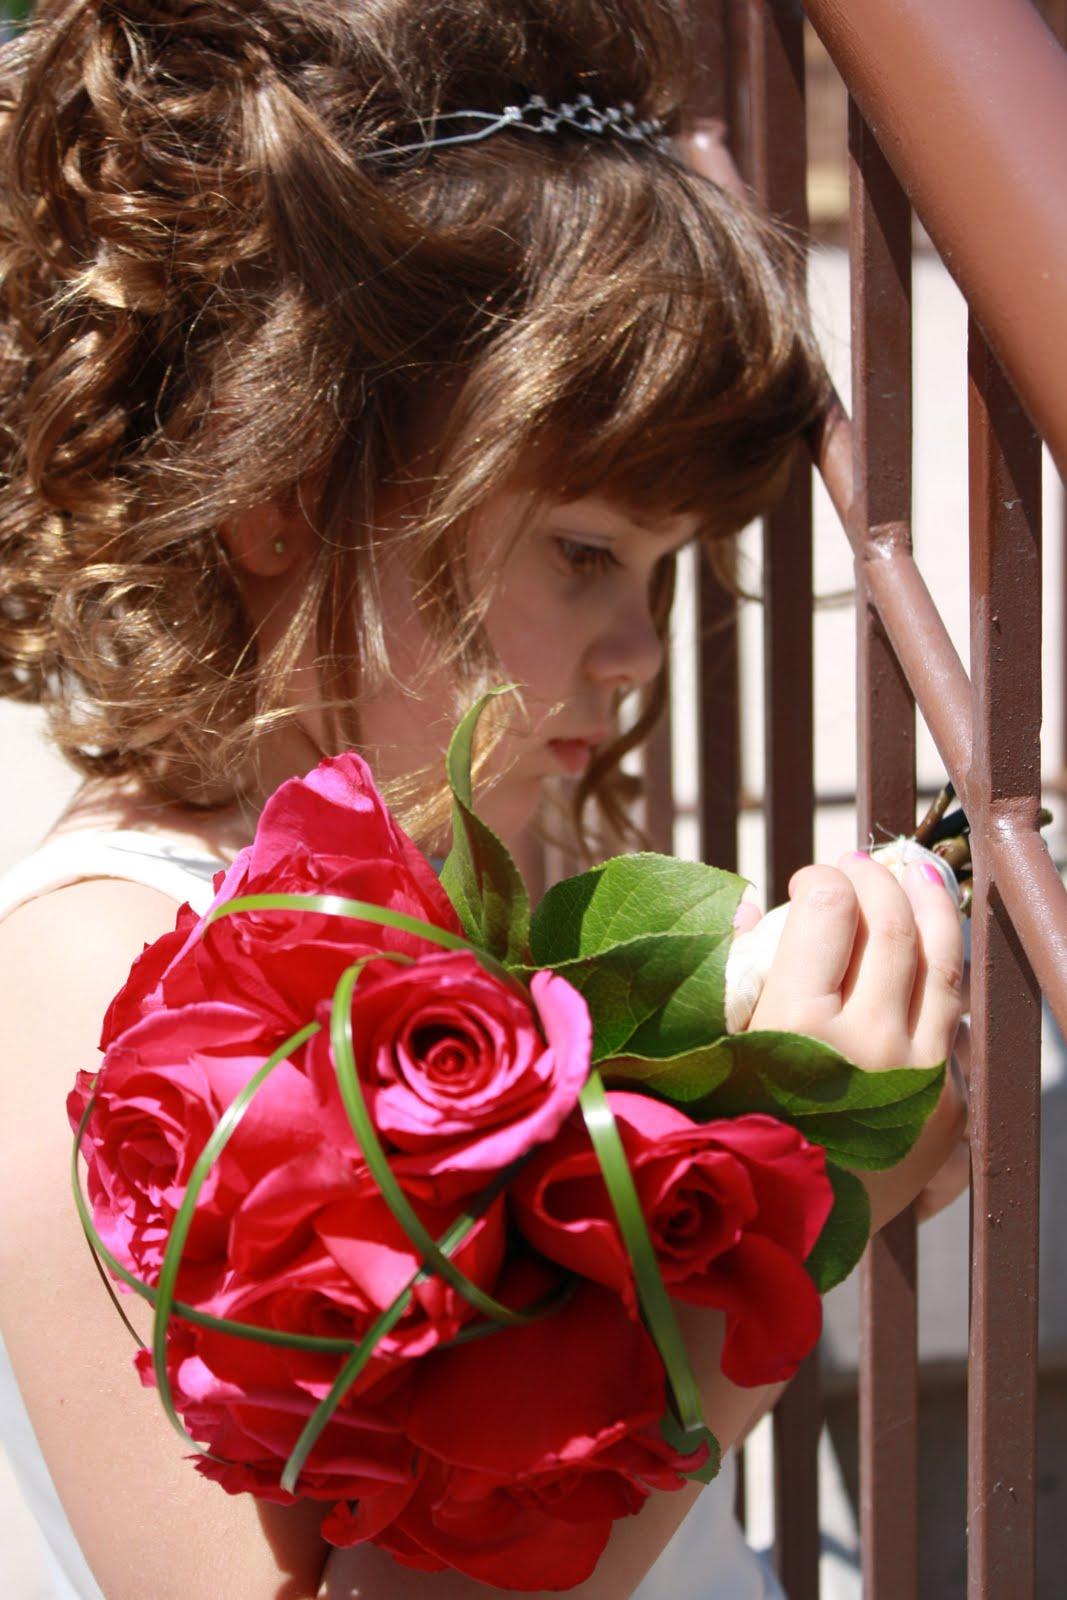 reinventing dorsey: flower girl